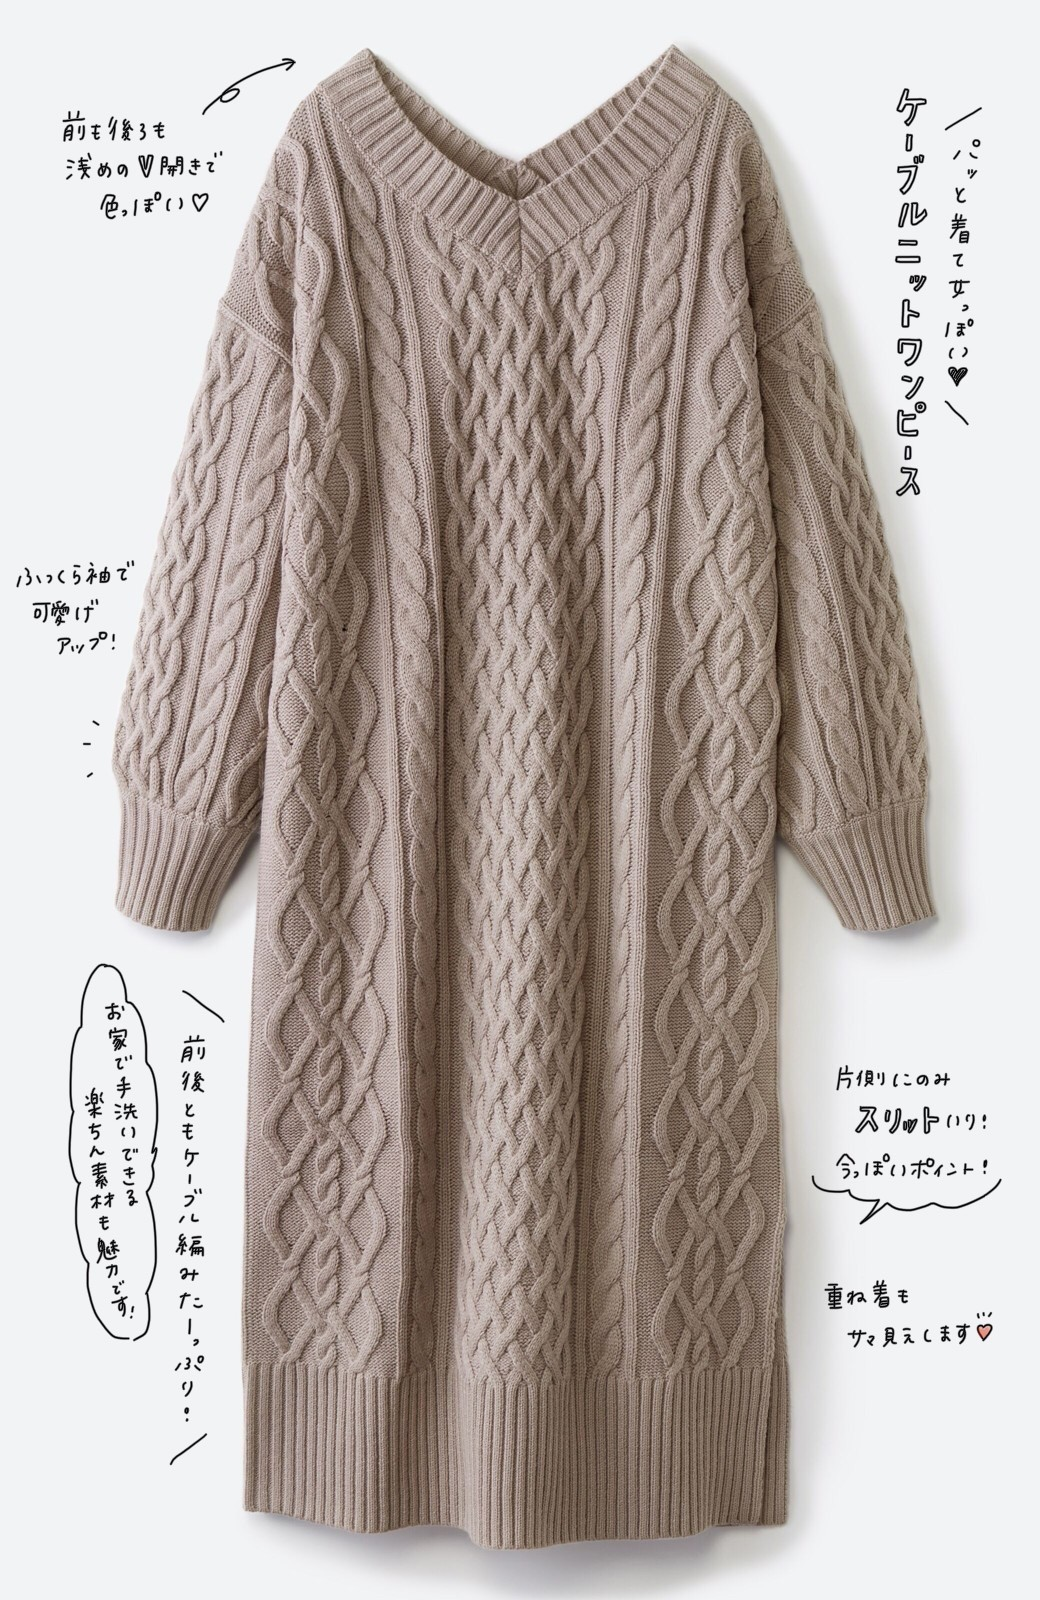 haco! パッと着て絶妙に女っぽい 重ね着にも便利なケーブルニットワンピース <グレイッシュベージュ>の商品写真2